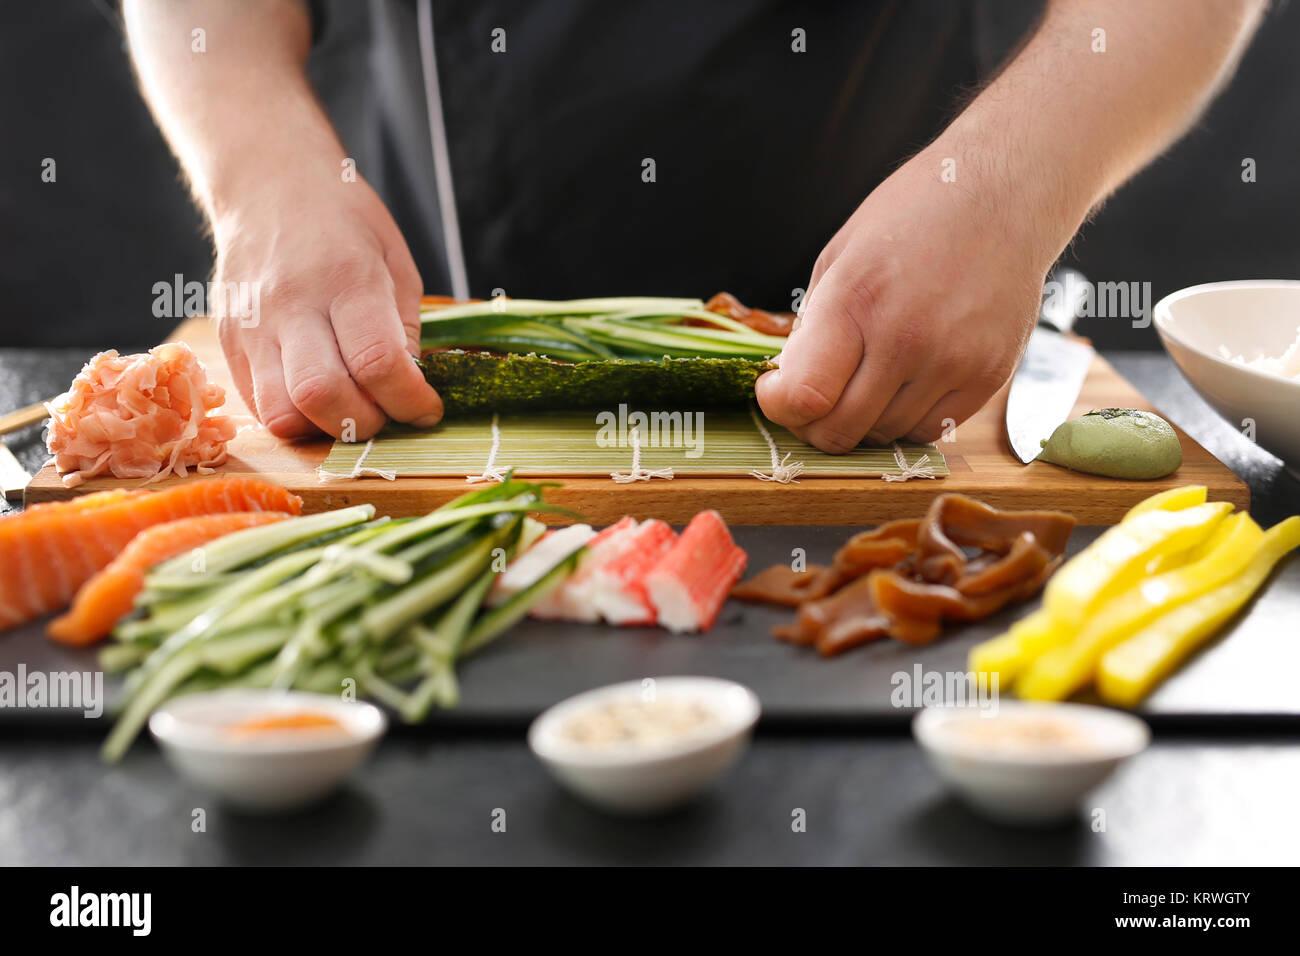 Mata bambusowa, przygotowywanie sushi. Jak przygotować sushi. Skręcanie rolki sushi w matę bambusową - Stock Image